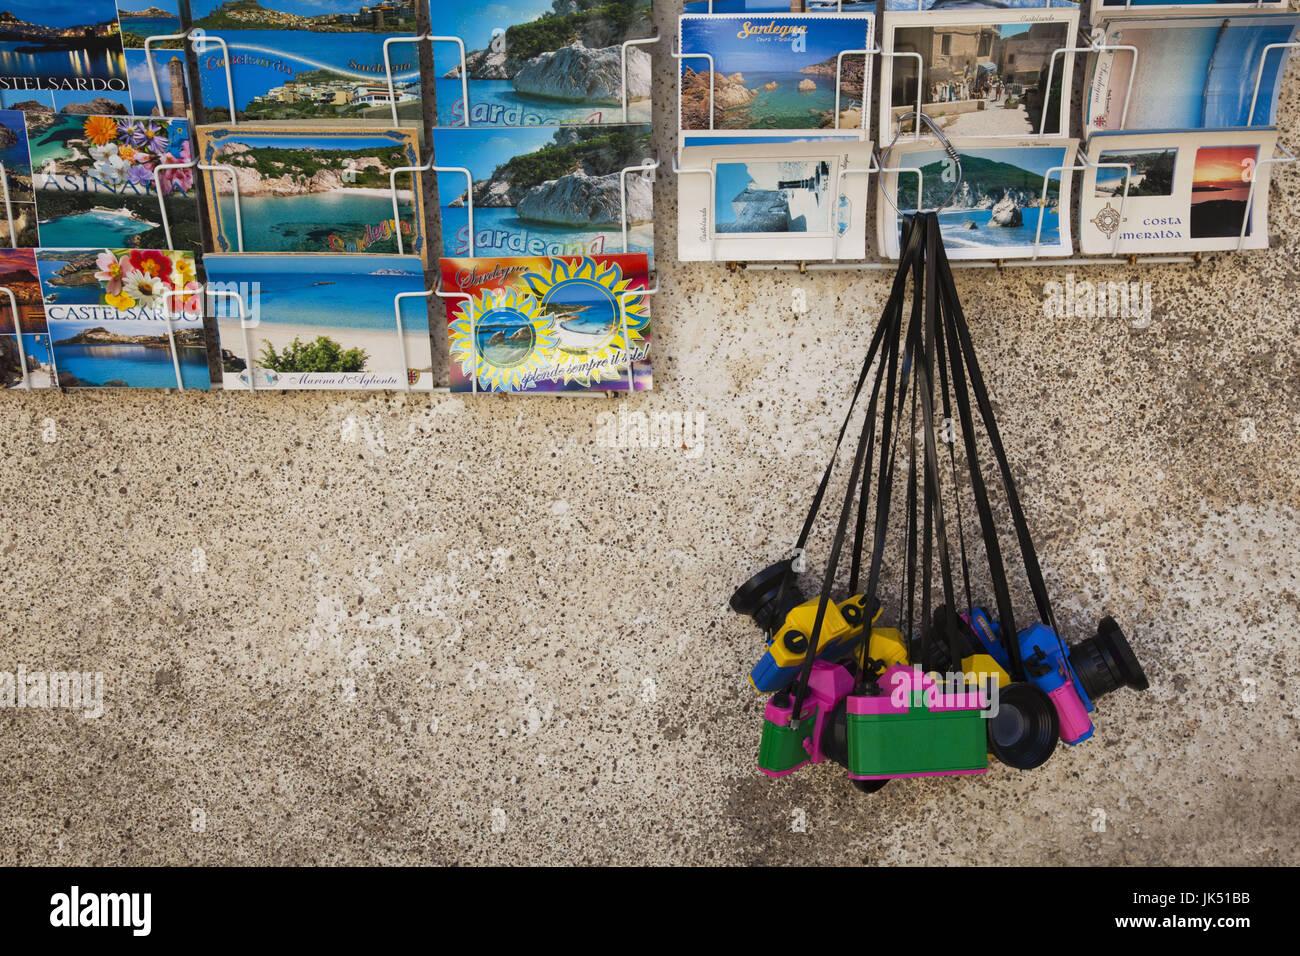 Italy, Sardinia, North Western Sardinia, Castelsardo, postcards and toy cameras - Stock Image